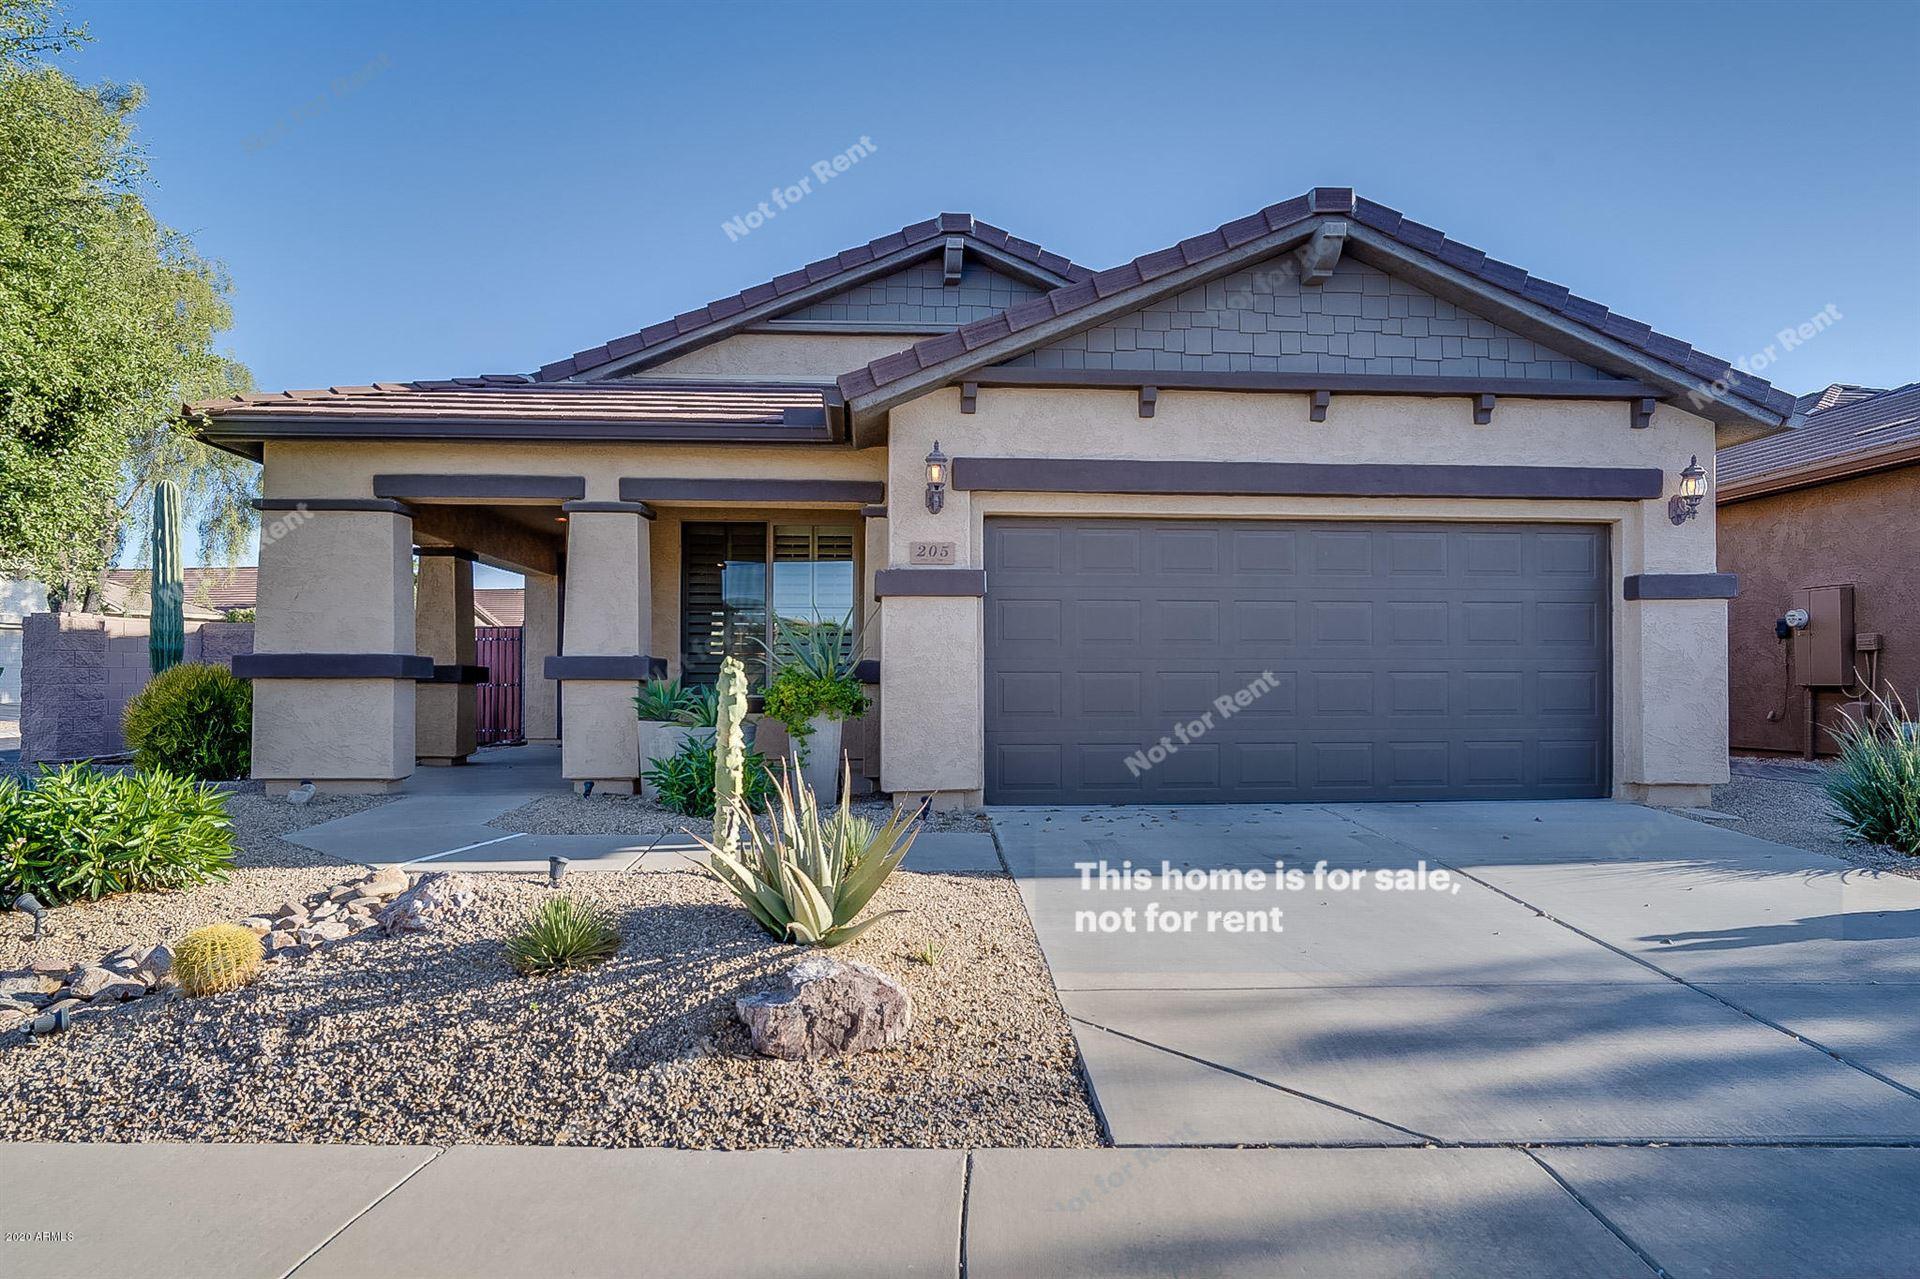 205 W PULLEN Place, San Tan Valley, AZ 85143 - #: 6073530